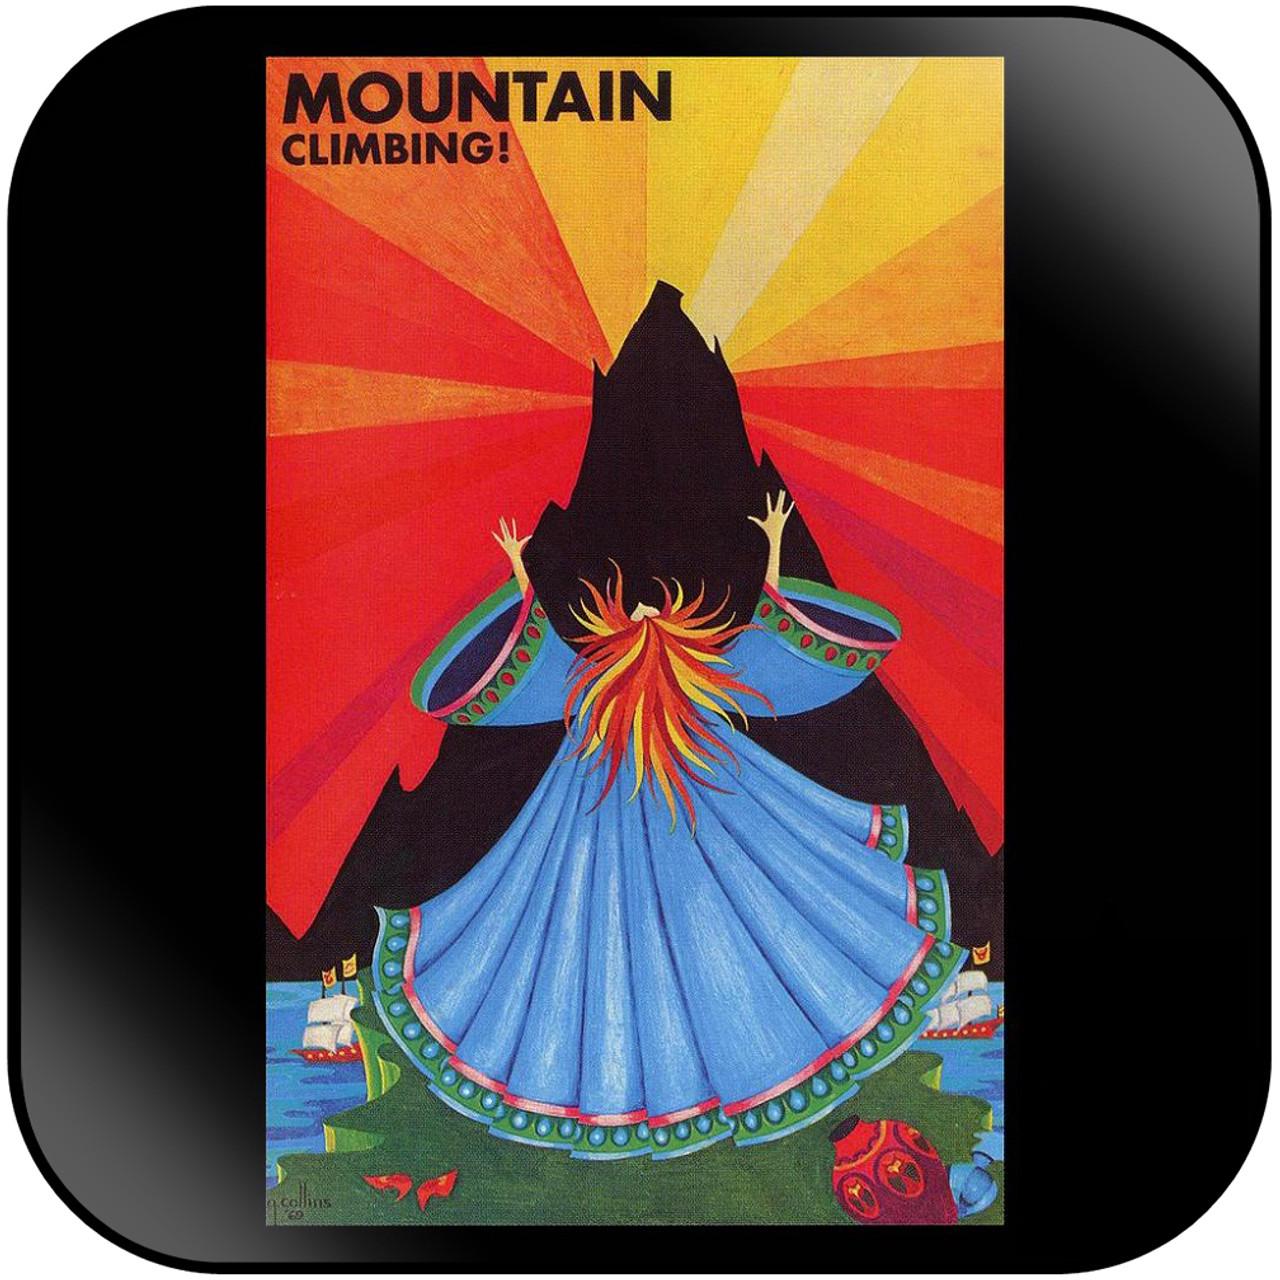 Mountain Climbing Album Cover Sticker